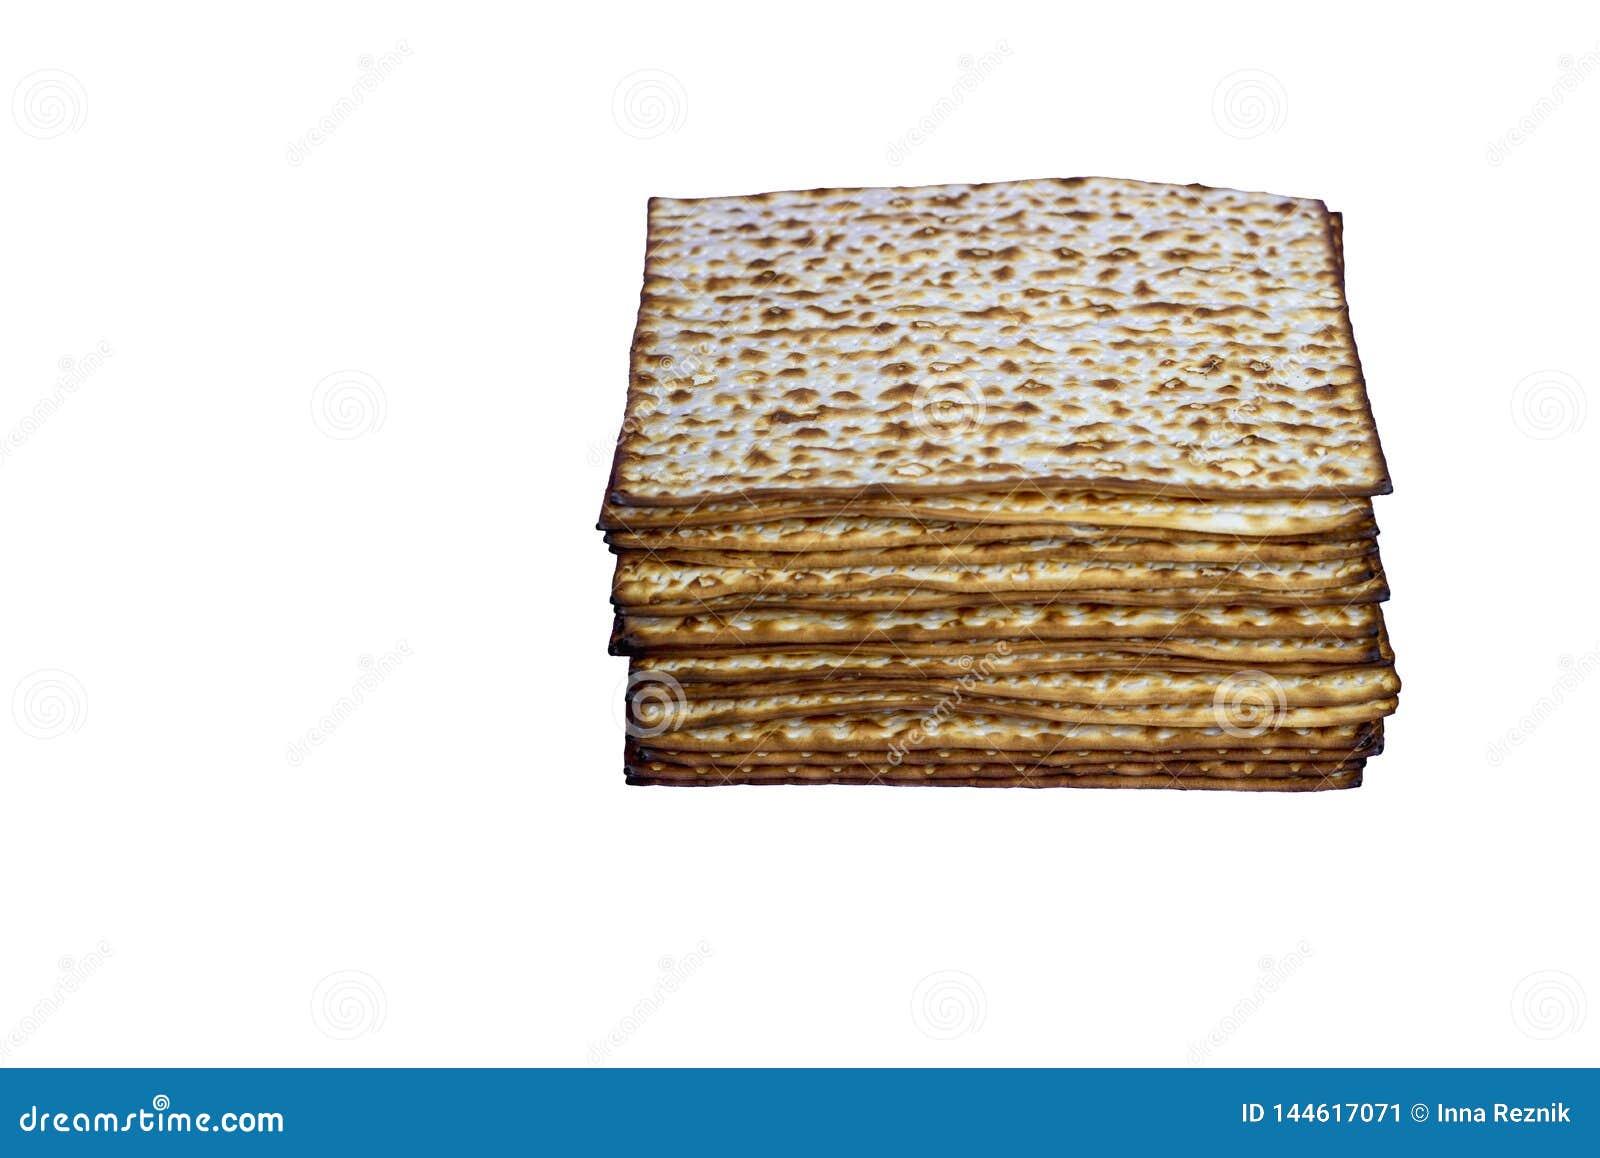 Pan ?cimo de la pascua jud?a tradicional jud?a del Matzah S?mbolo de la celebraci?n de Pesach Imagen aislada